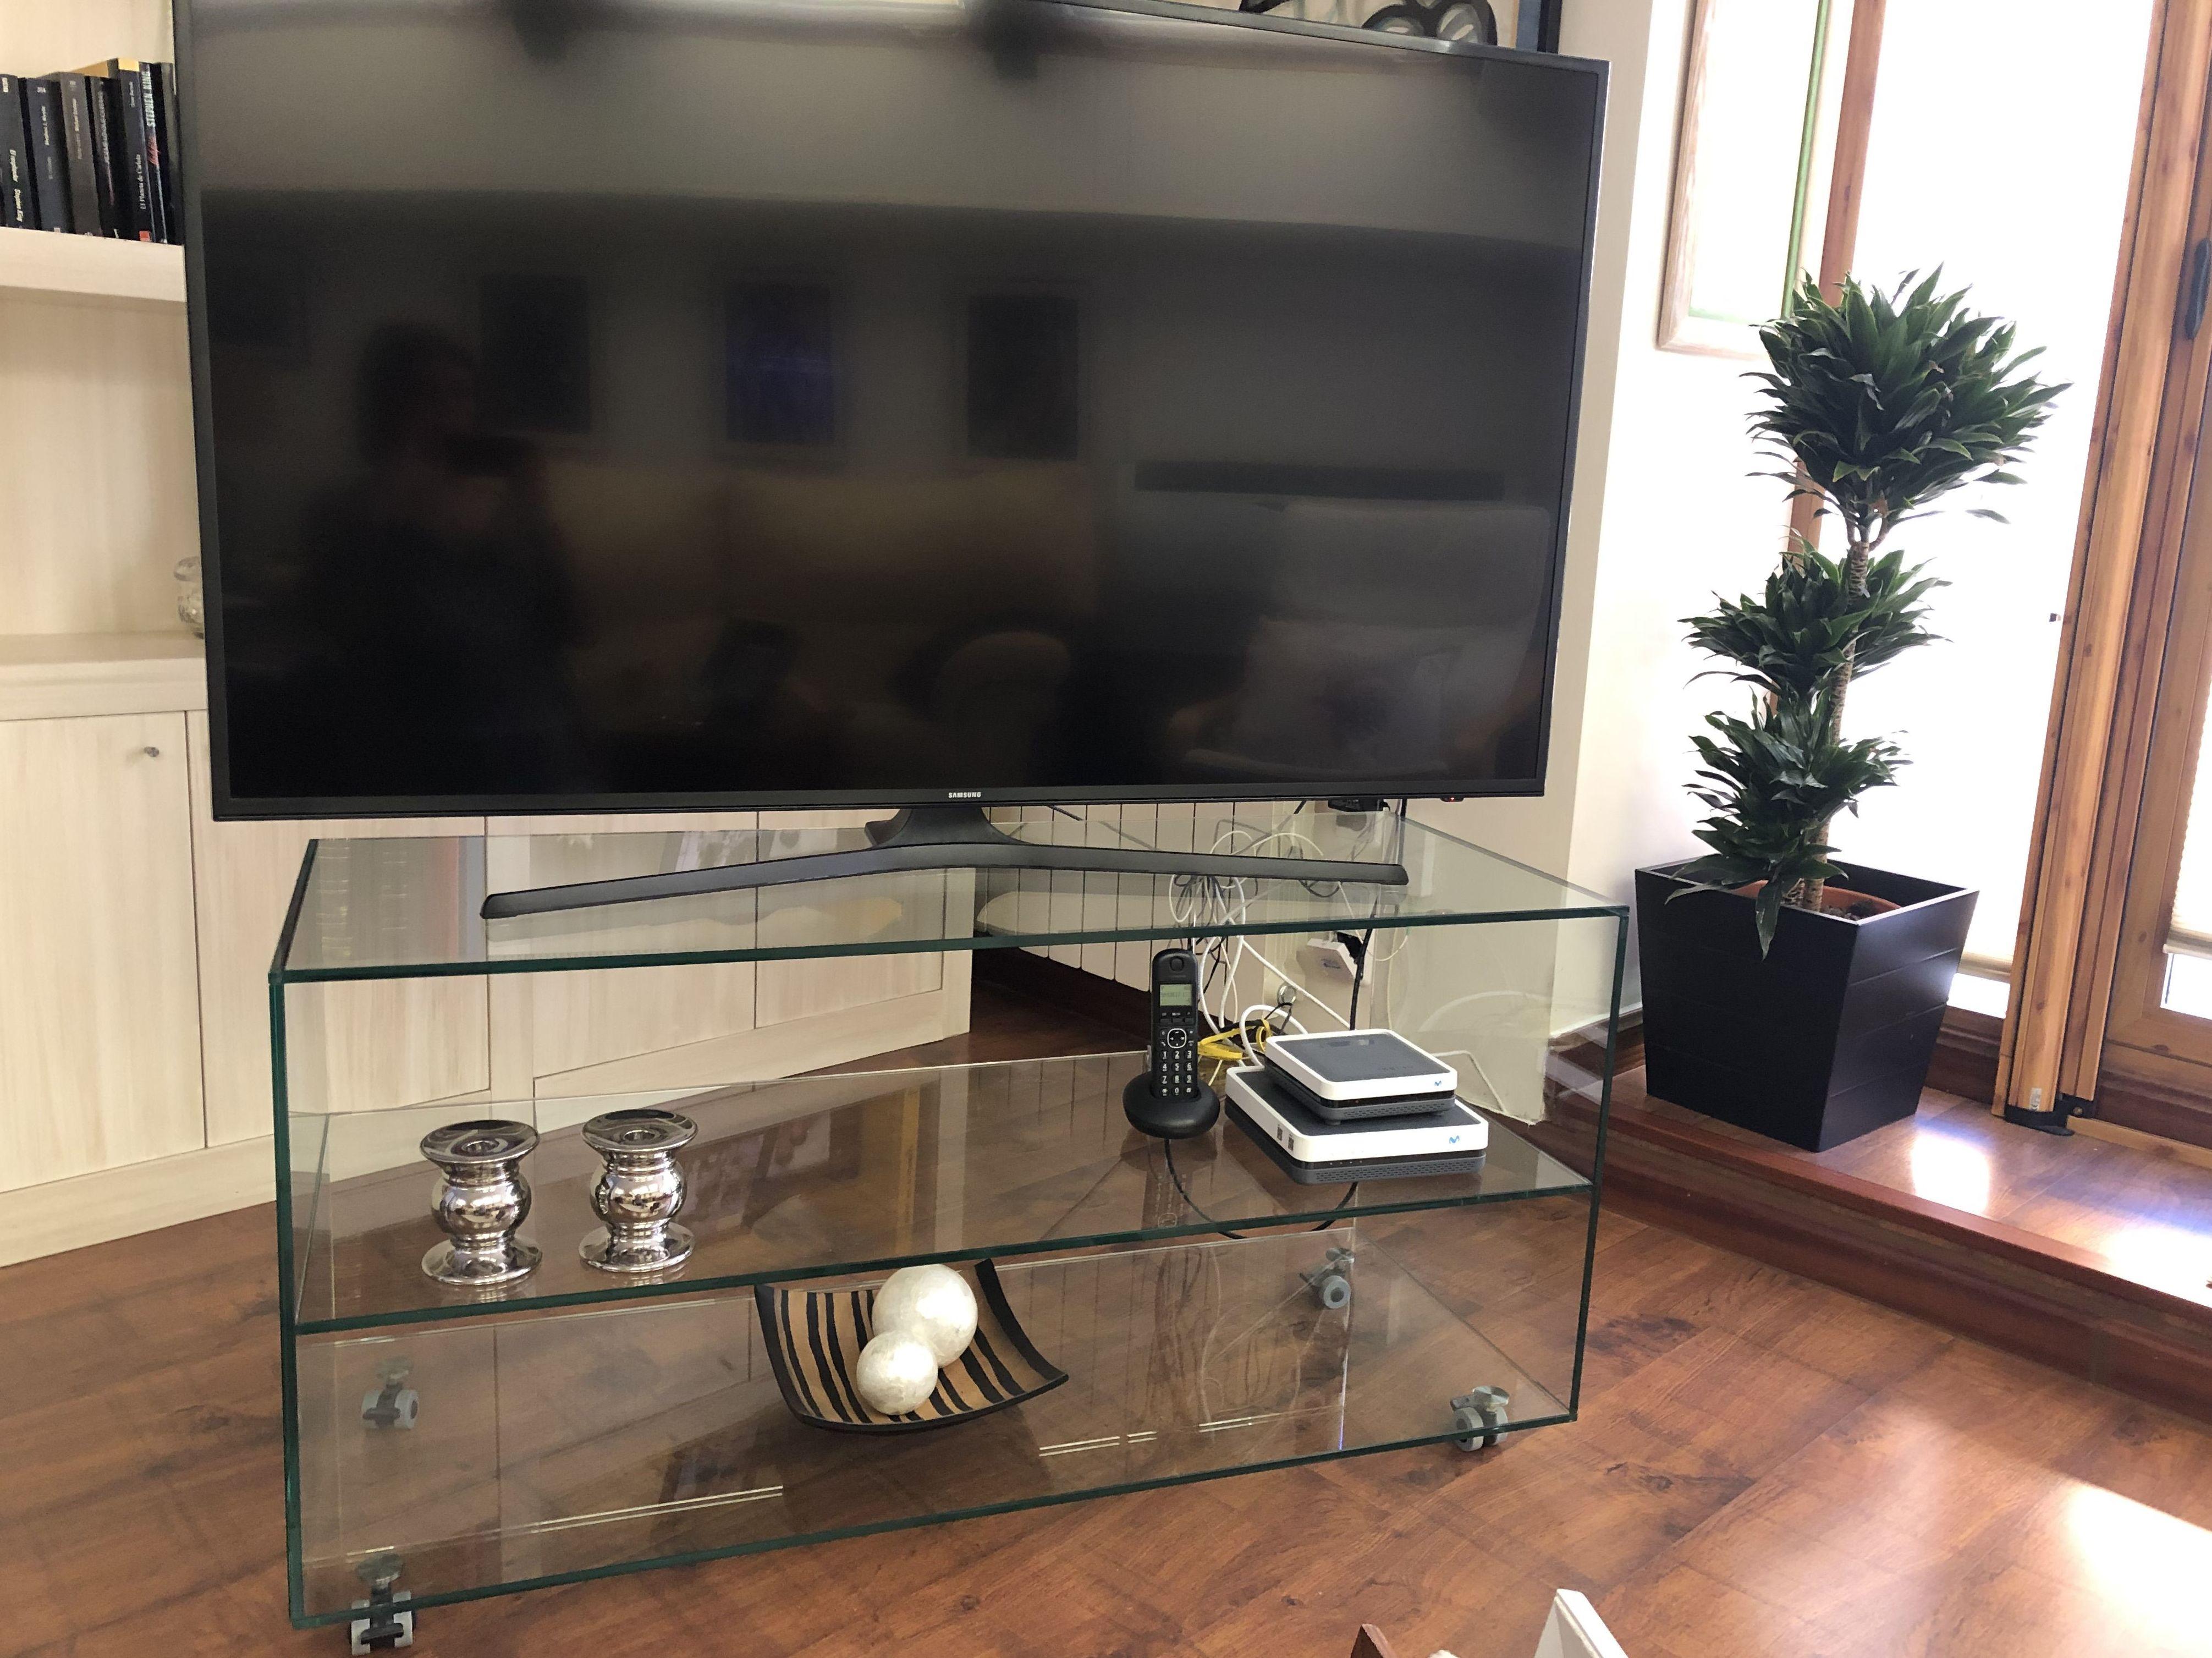 cristaleria-formas-mesa-cristal-TV